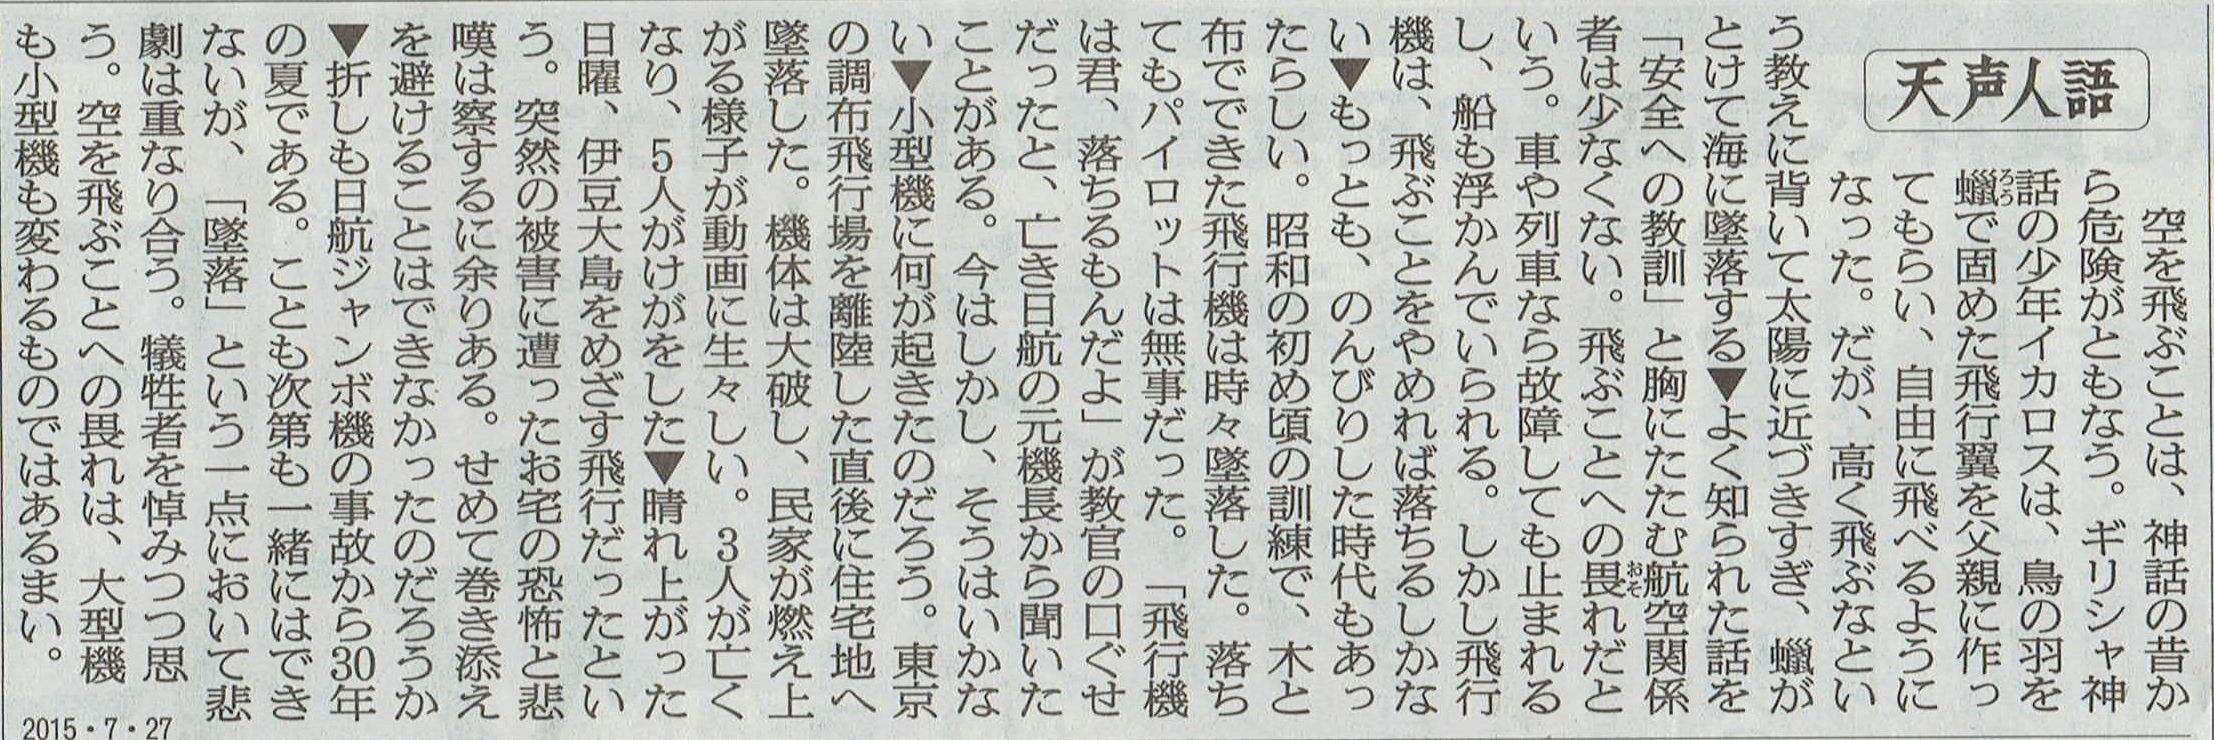 2015年7月27日 沖縄中学校同級生 金城幸栄君から中元にマンゴ その1_d0249595_81381.jpg